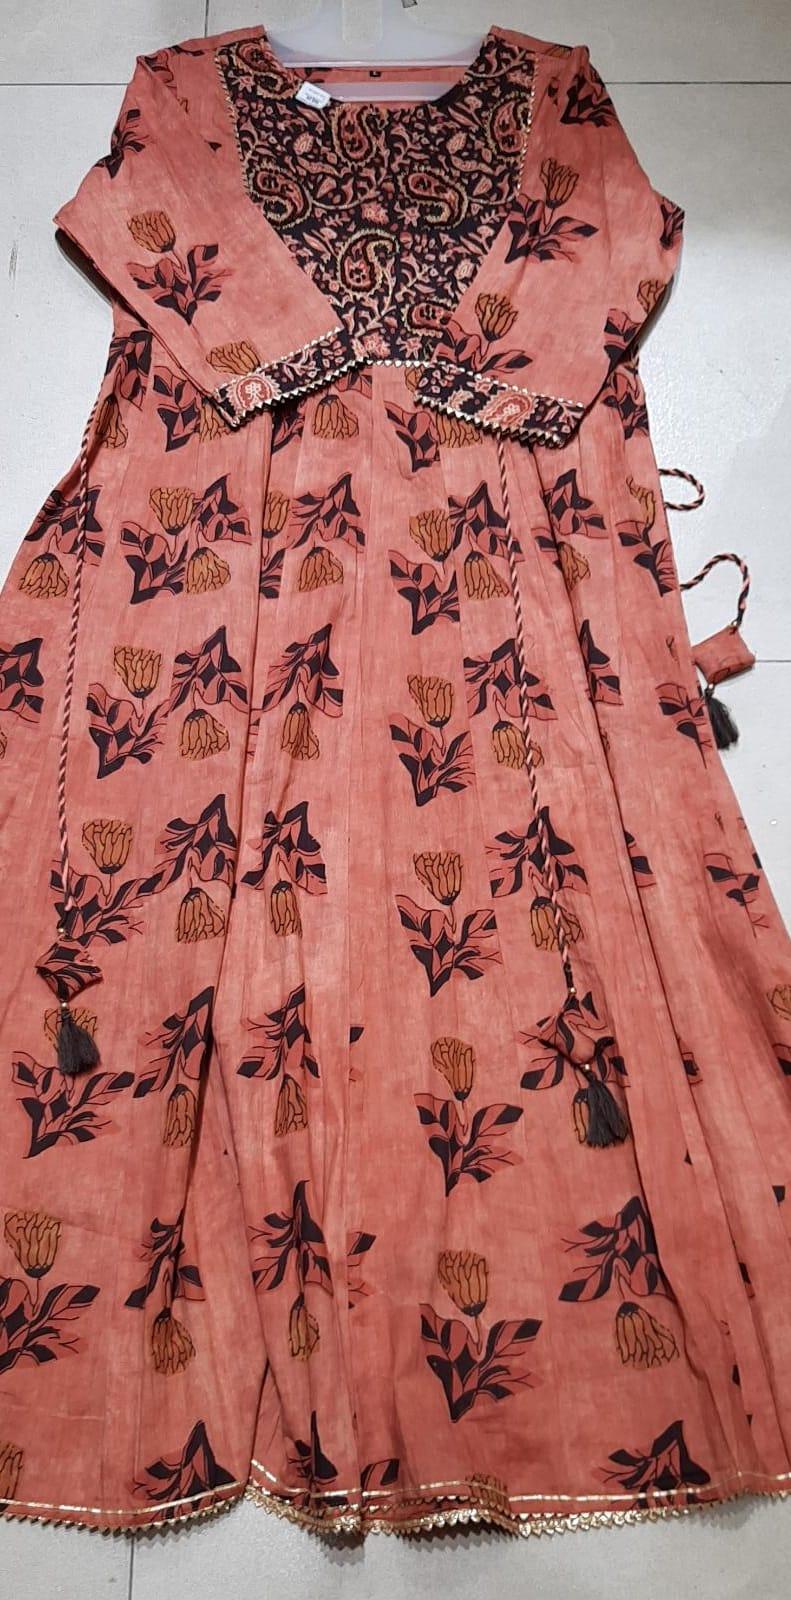 166006 $65.00 Long dress size M,L,XL,XXL